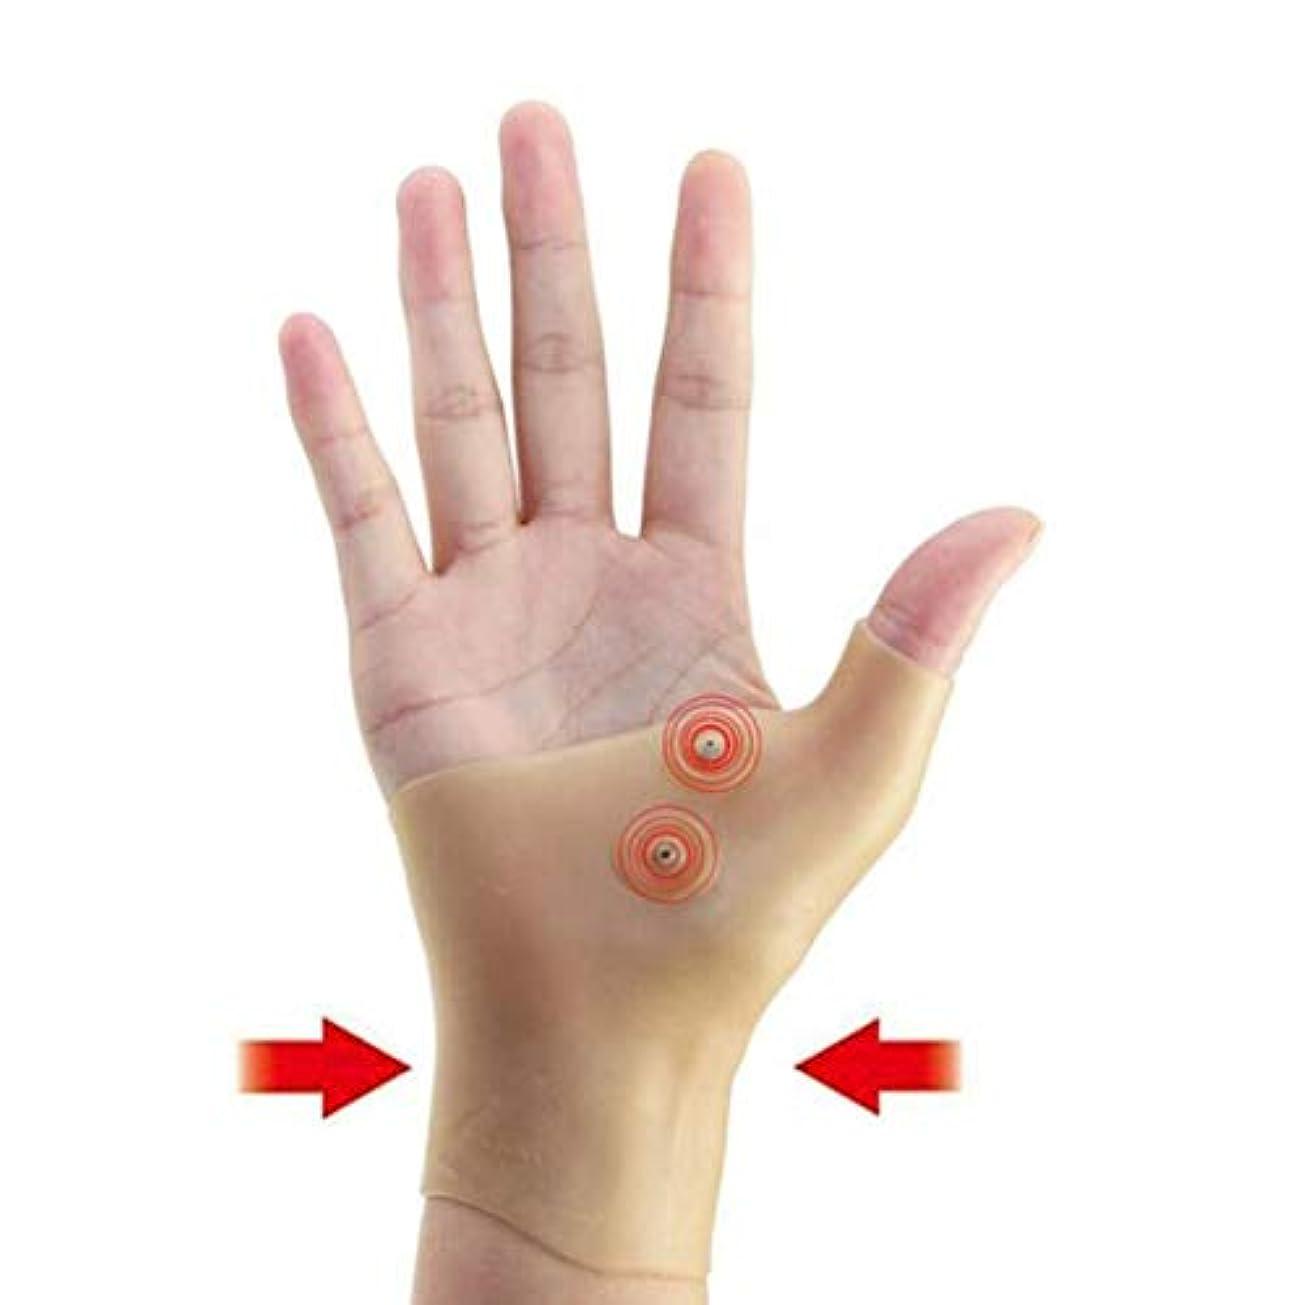 内陸コマンド穏やかな磁気療法手首手親指サポート手袋シリコーンゲル関節炎圧力矯正器マッサージ痛み緩和手袋 - 肌の色